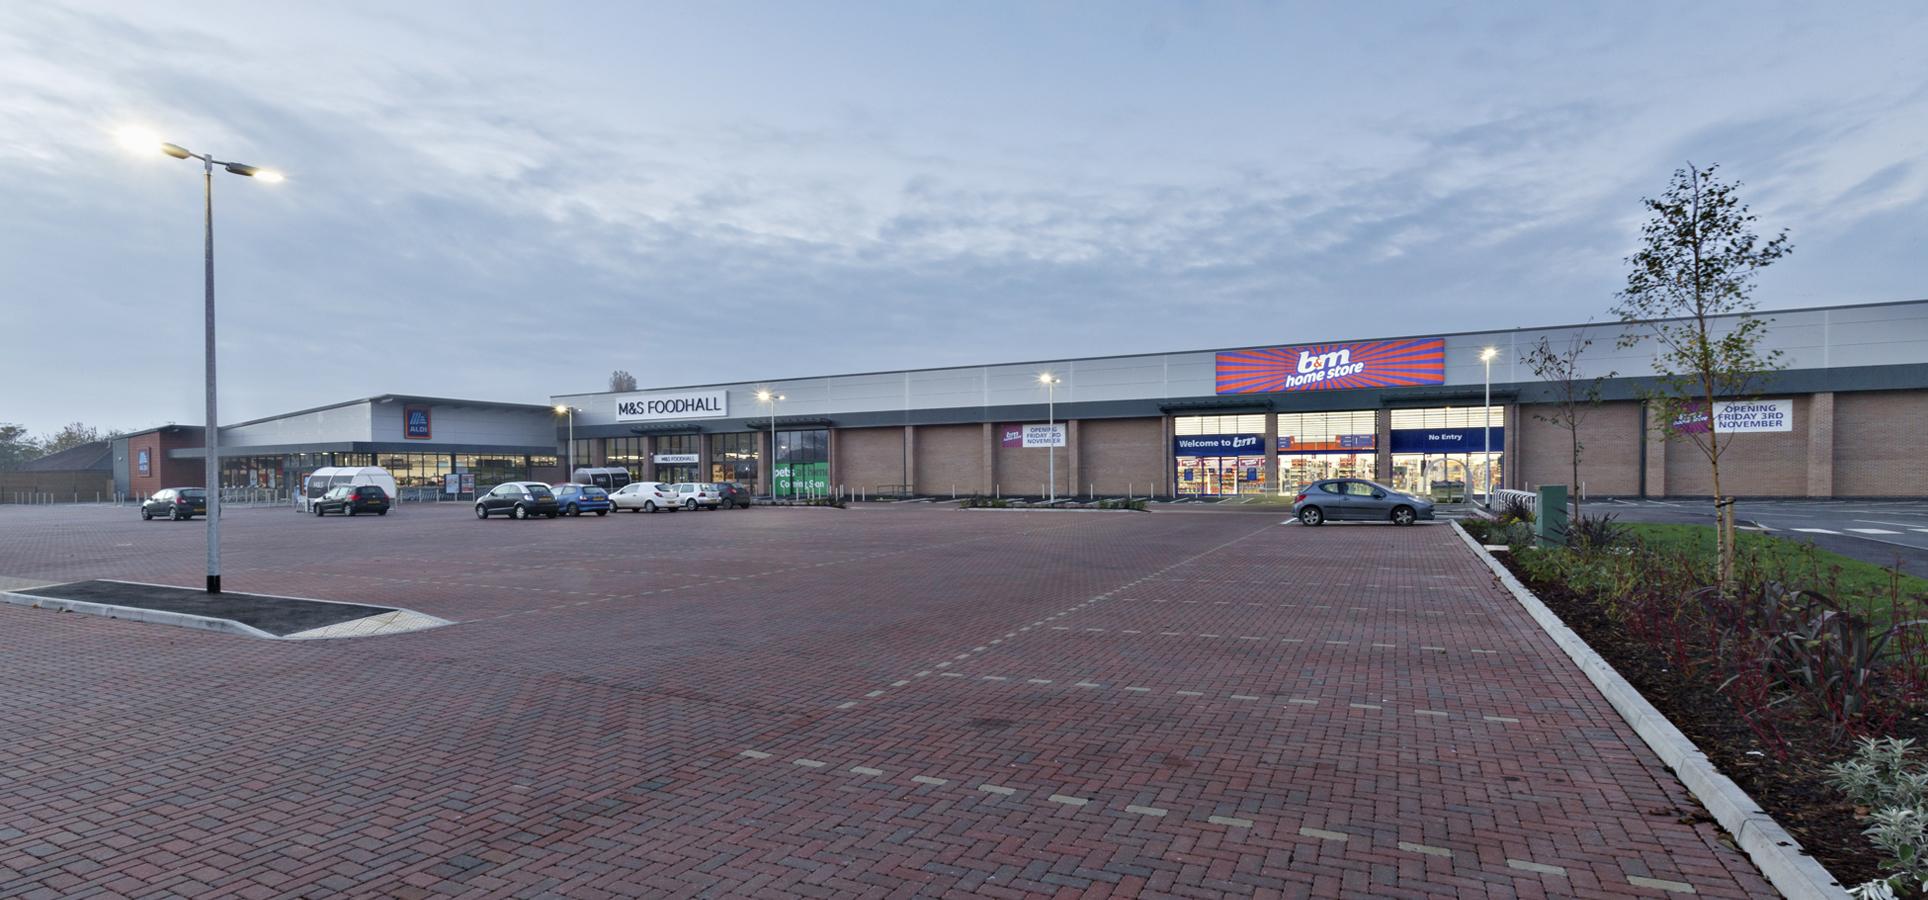 Retail Park, Skegness , Jessops Construction Ltd